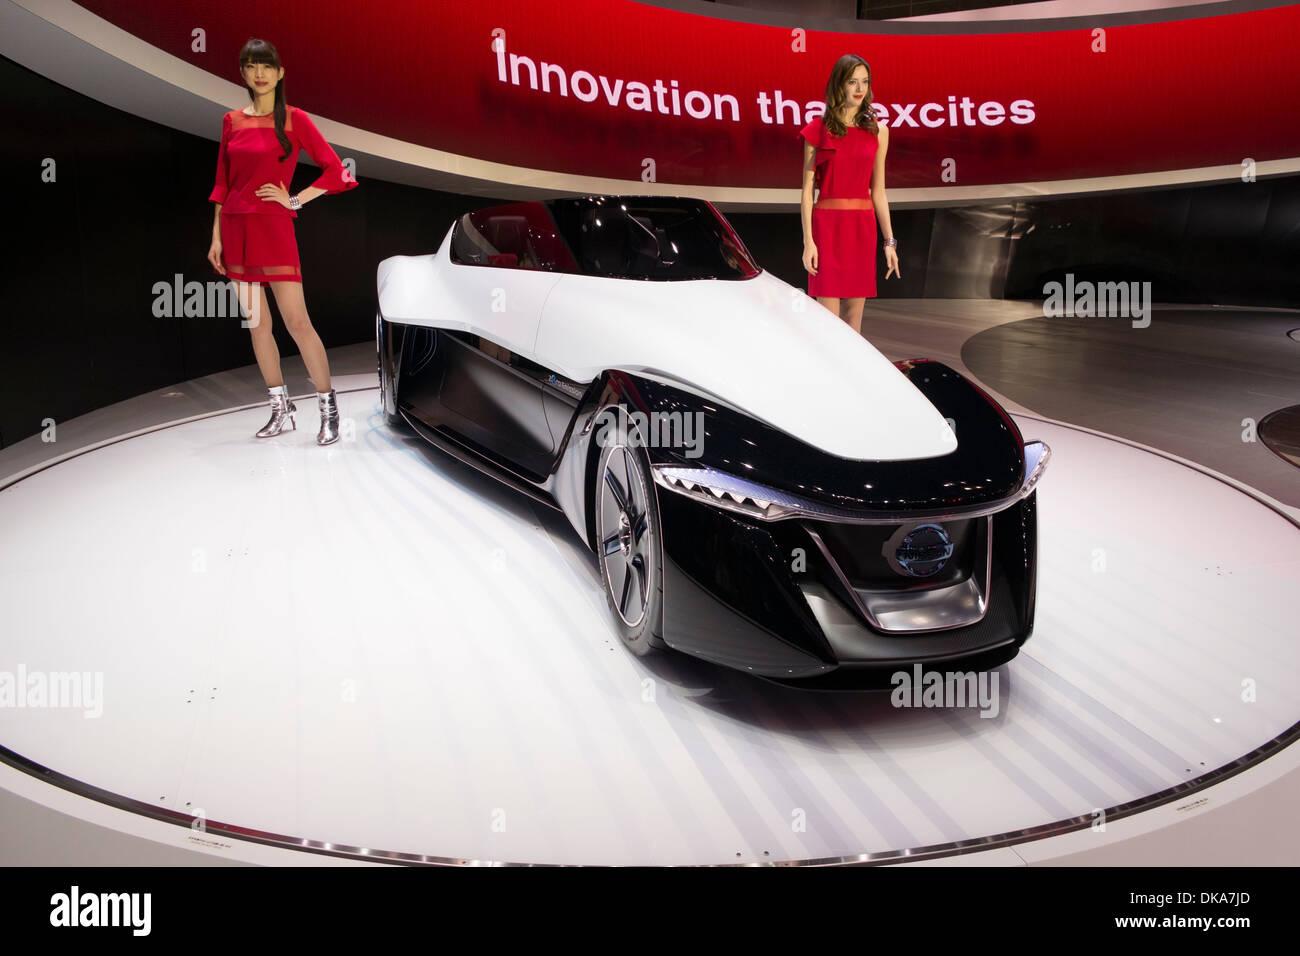 Nissan Concept Bladeglider voiture électrique au Salon de l'automobile 2013 au Japon Photo Stock